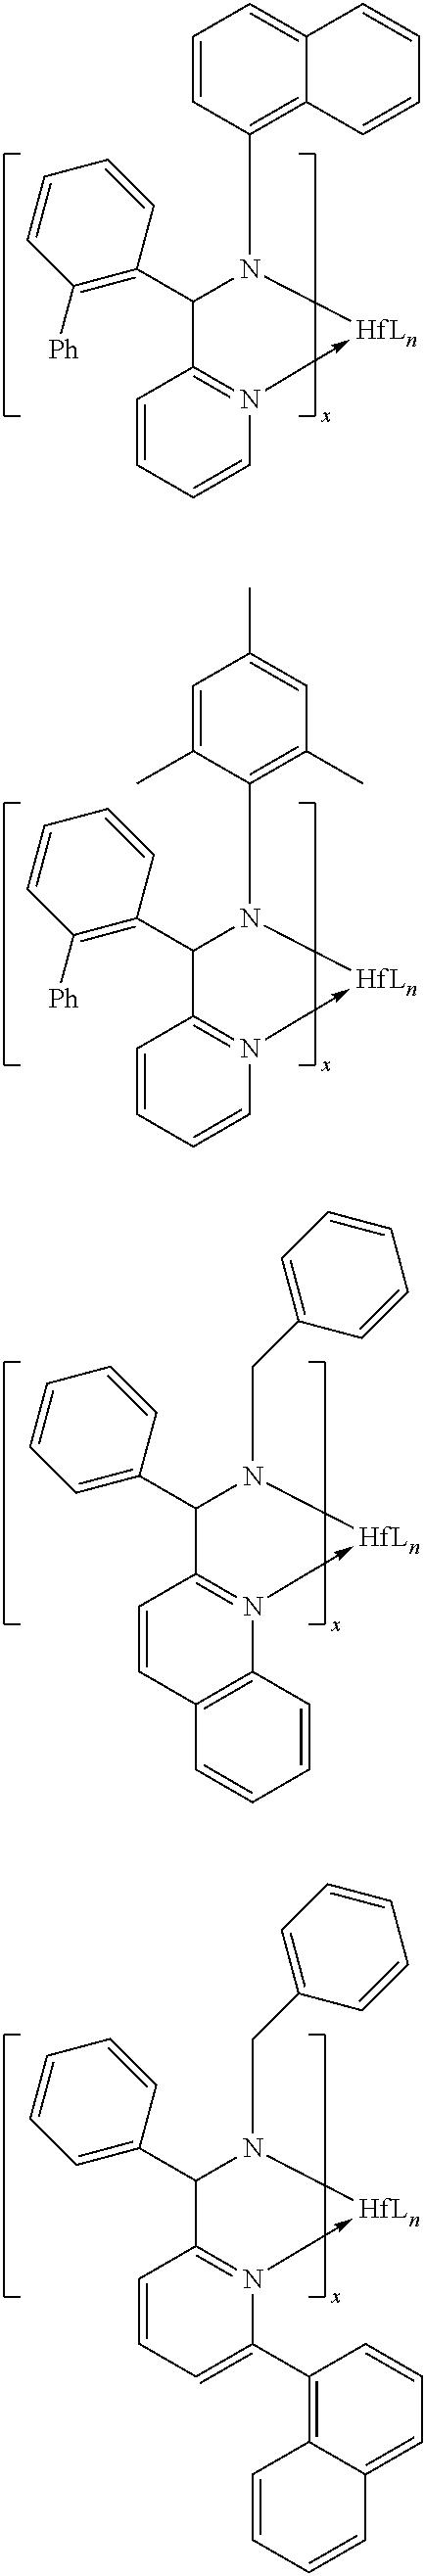 Figure US07897679-20110301-C00018